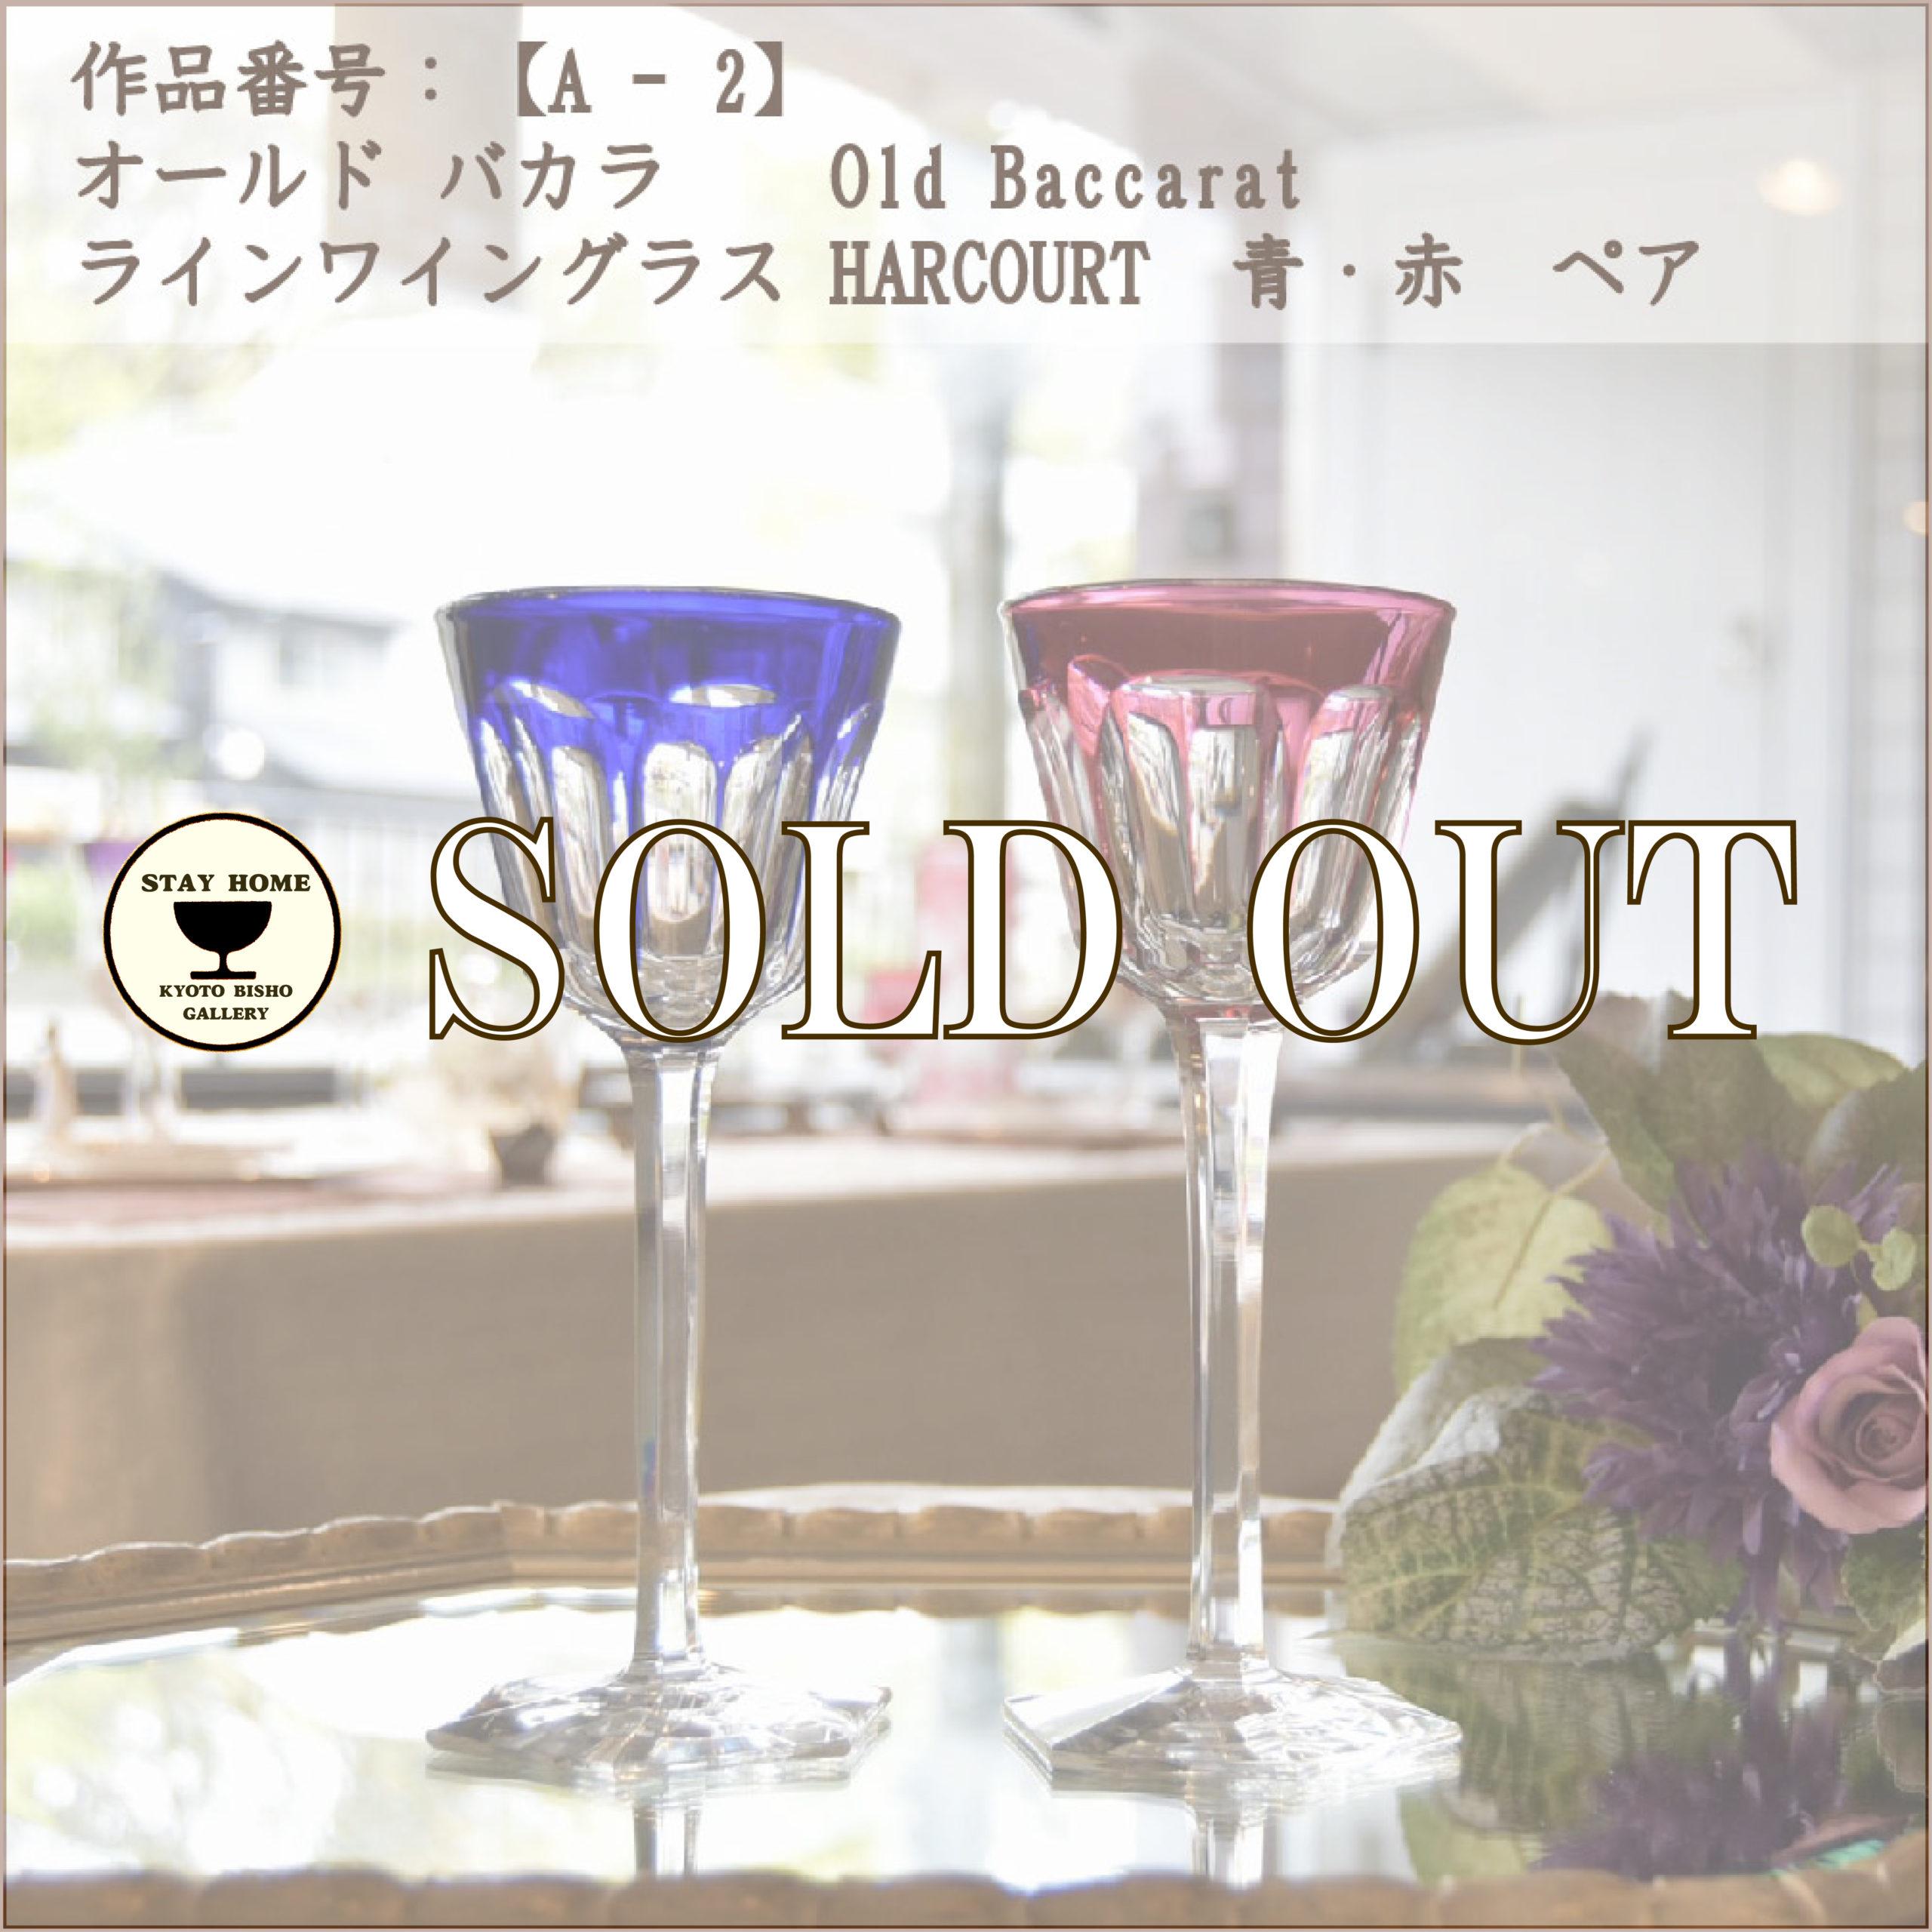 作品番号【A-2】オールド バカラ ラインワイングラス  HARCOURT  青・赤ペア